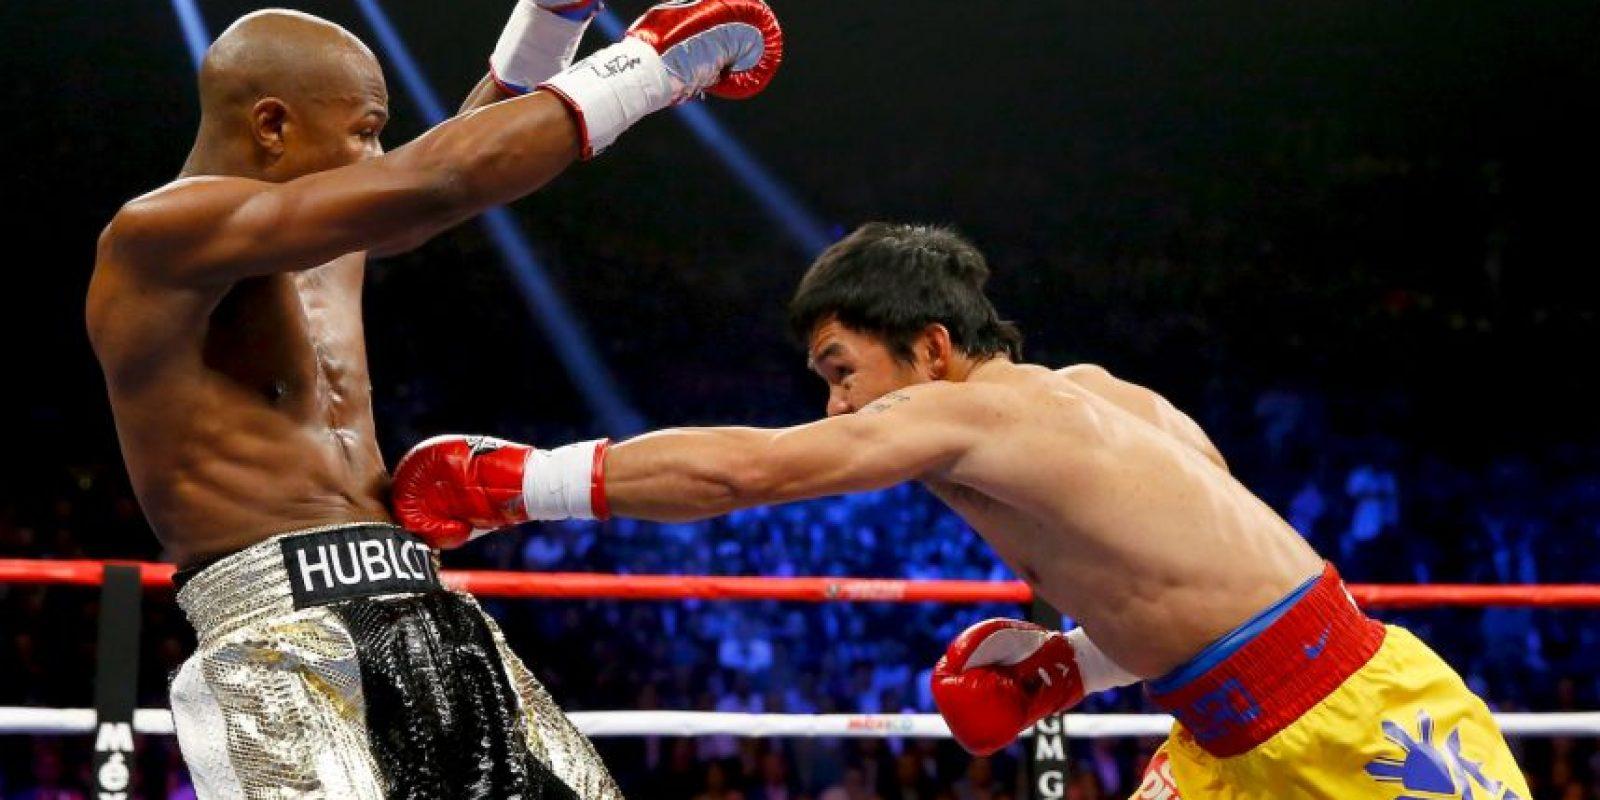 """De acuerdo con cifras reveladas por Showtime y HBO, las cadenas que transmitieron el combate, más de 4.4 millones de hogares (sólo en Estados Unidos), compraron el """"Pago por Evento"""" (PPV) para ver la pelea. Foto:Getty Images"""